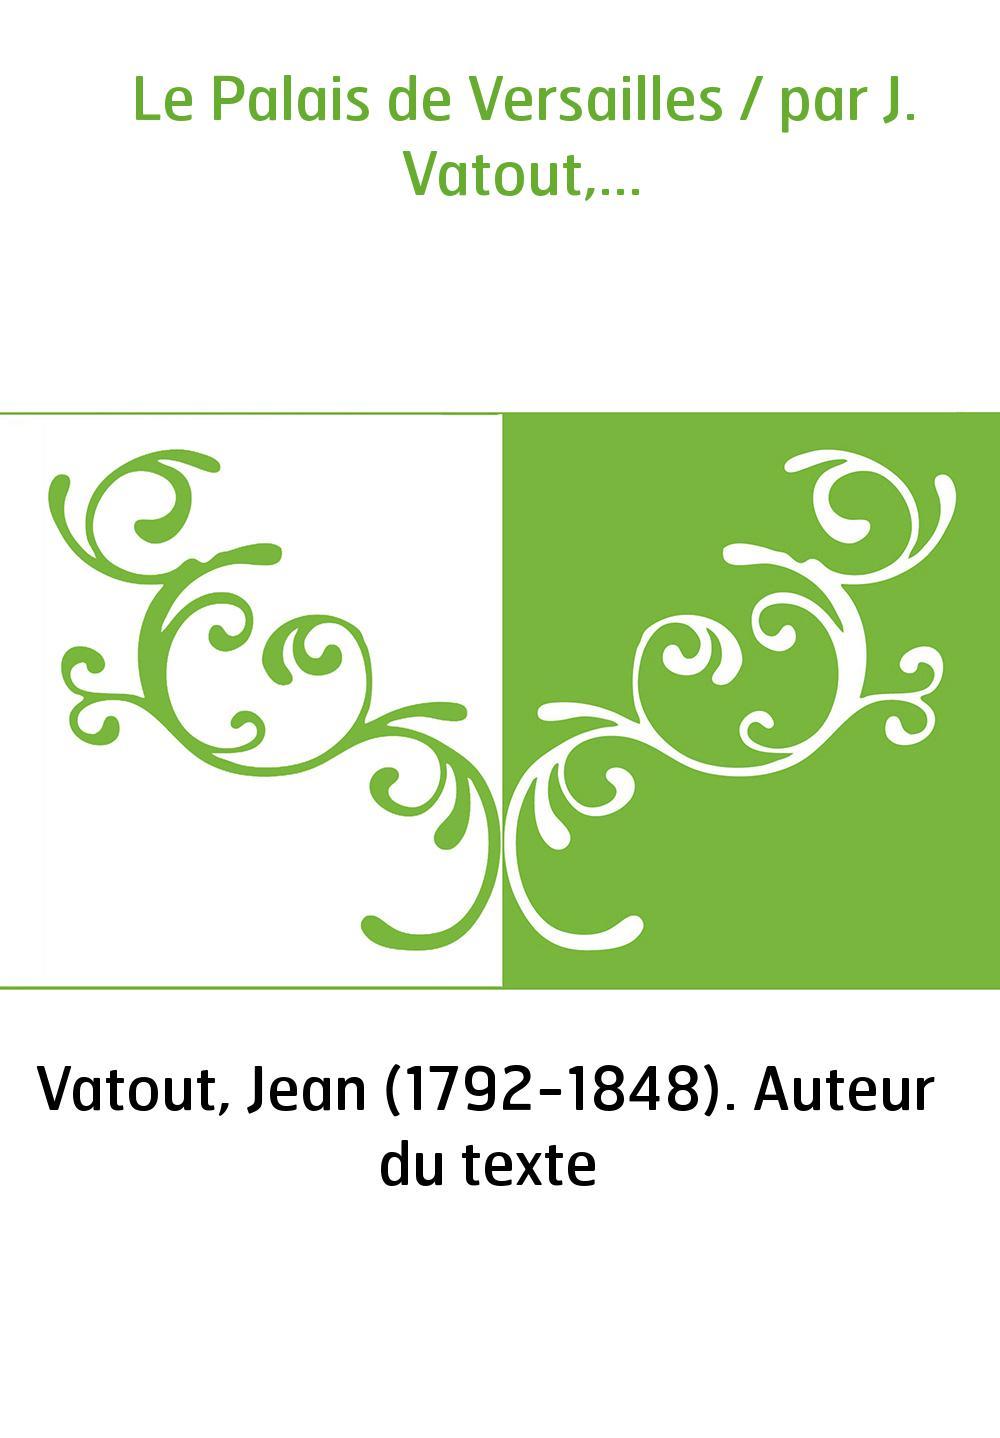 Le Palais de Versailles / par J. Vatout,...